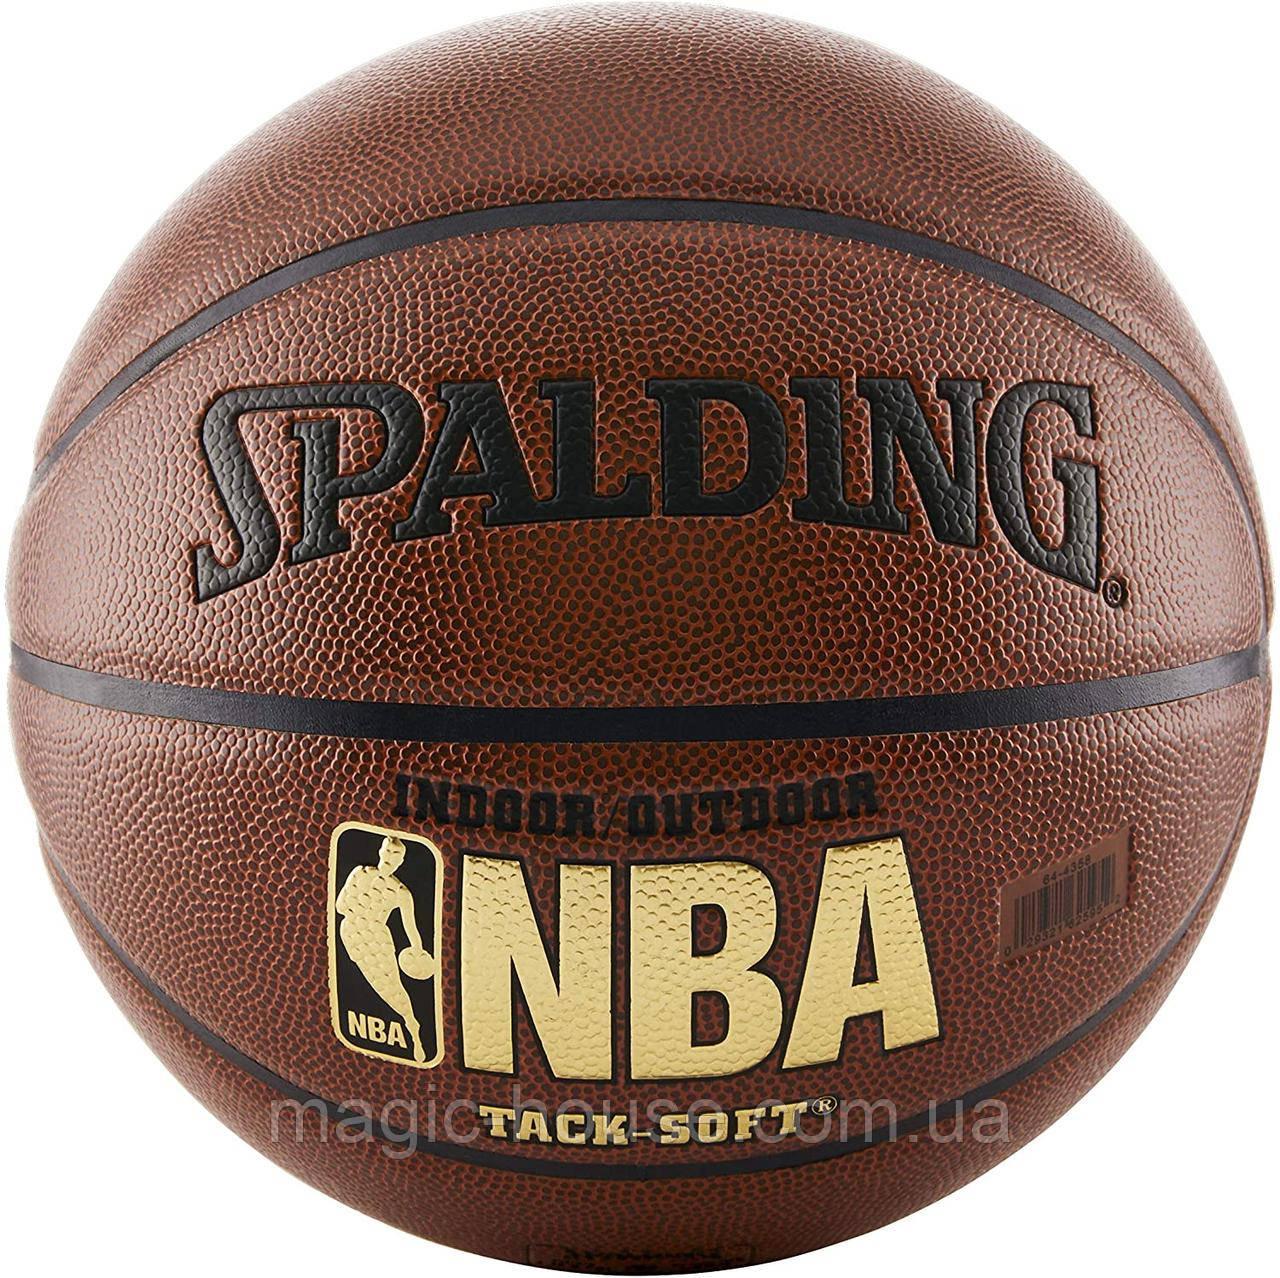 Баскетбольний м'яч Spalding NBA Tack-Soft IndoorOutdoor Basketball розмір 7 Оригінал